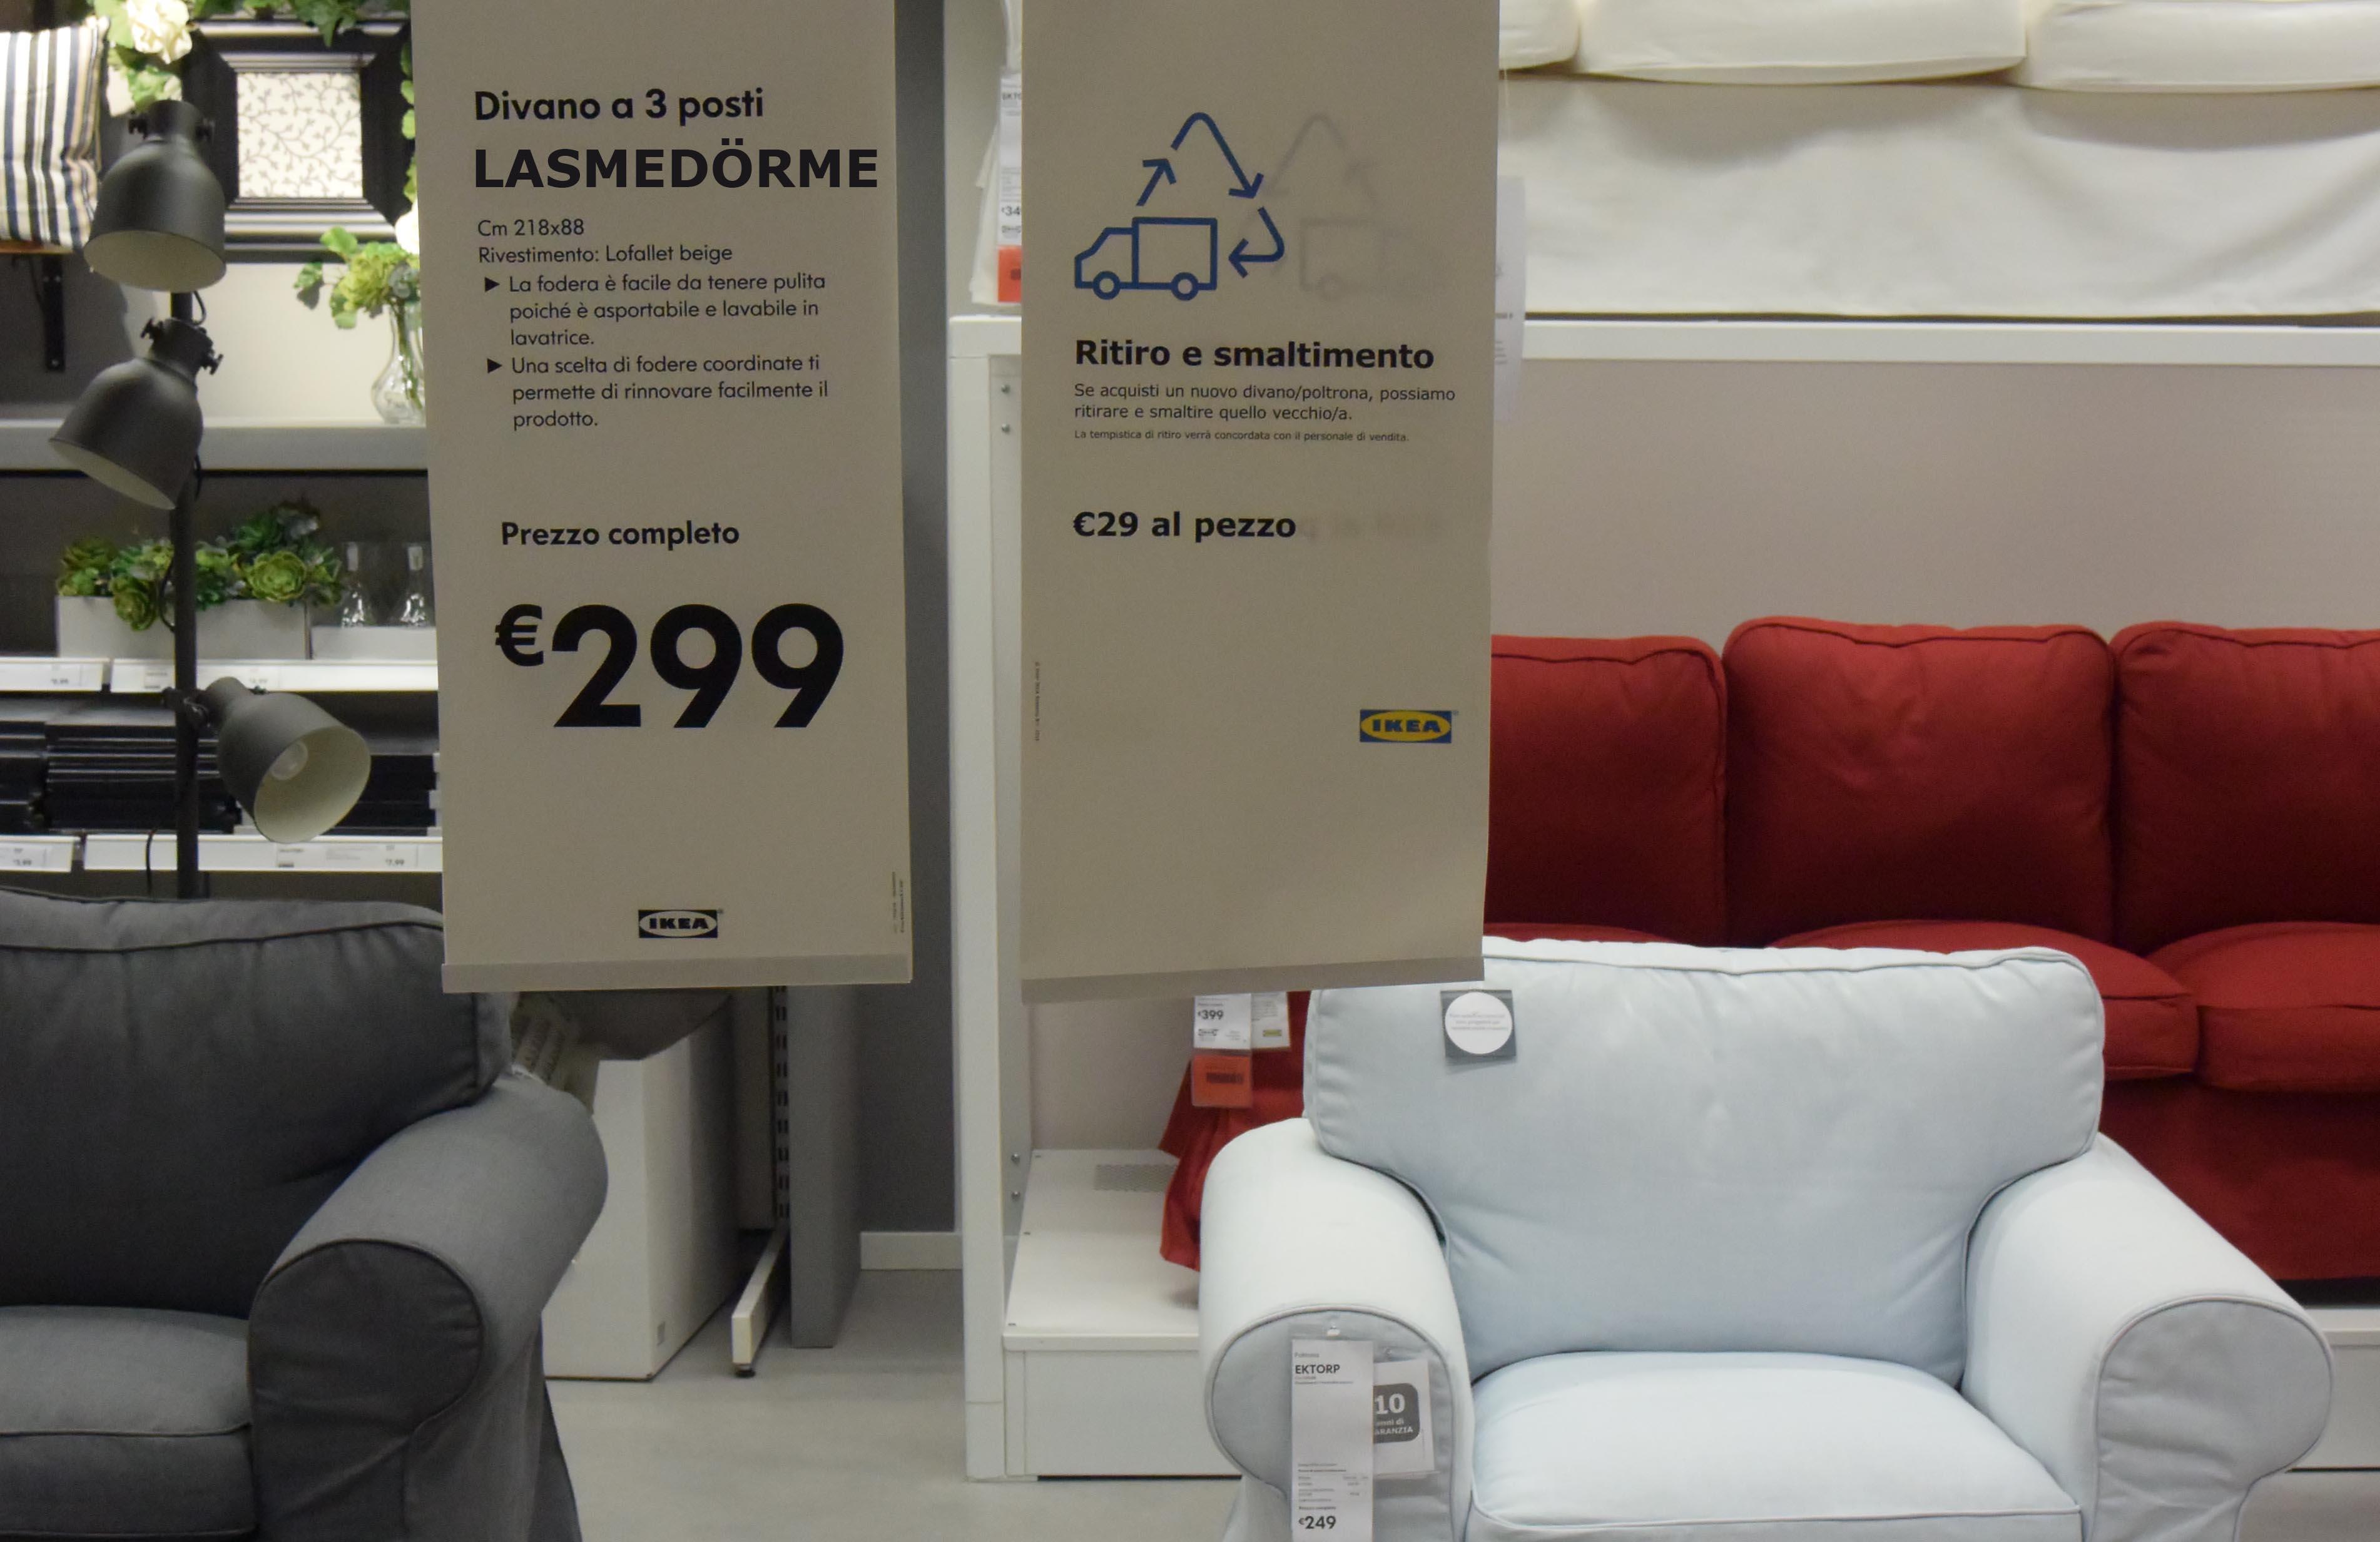 Ikea Ufficio Acquisti : Fresco costo cucina ikea graphics idee di interior design per